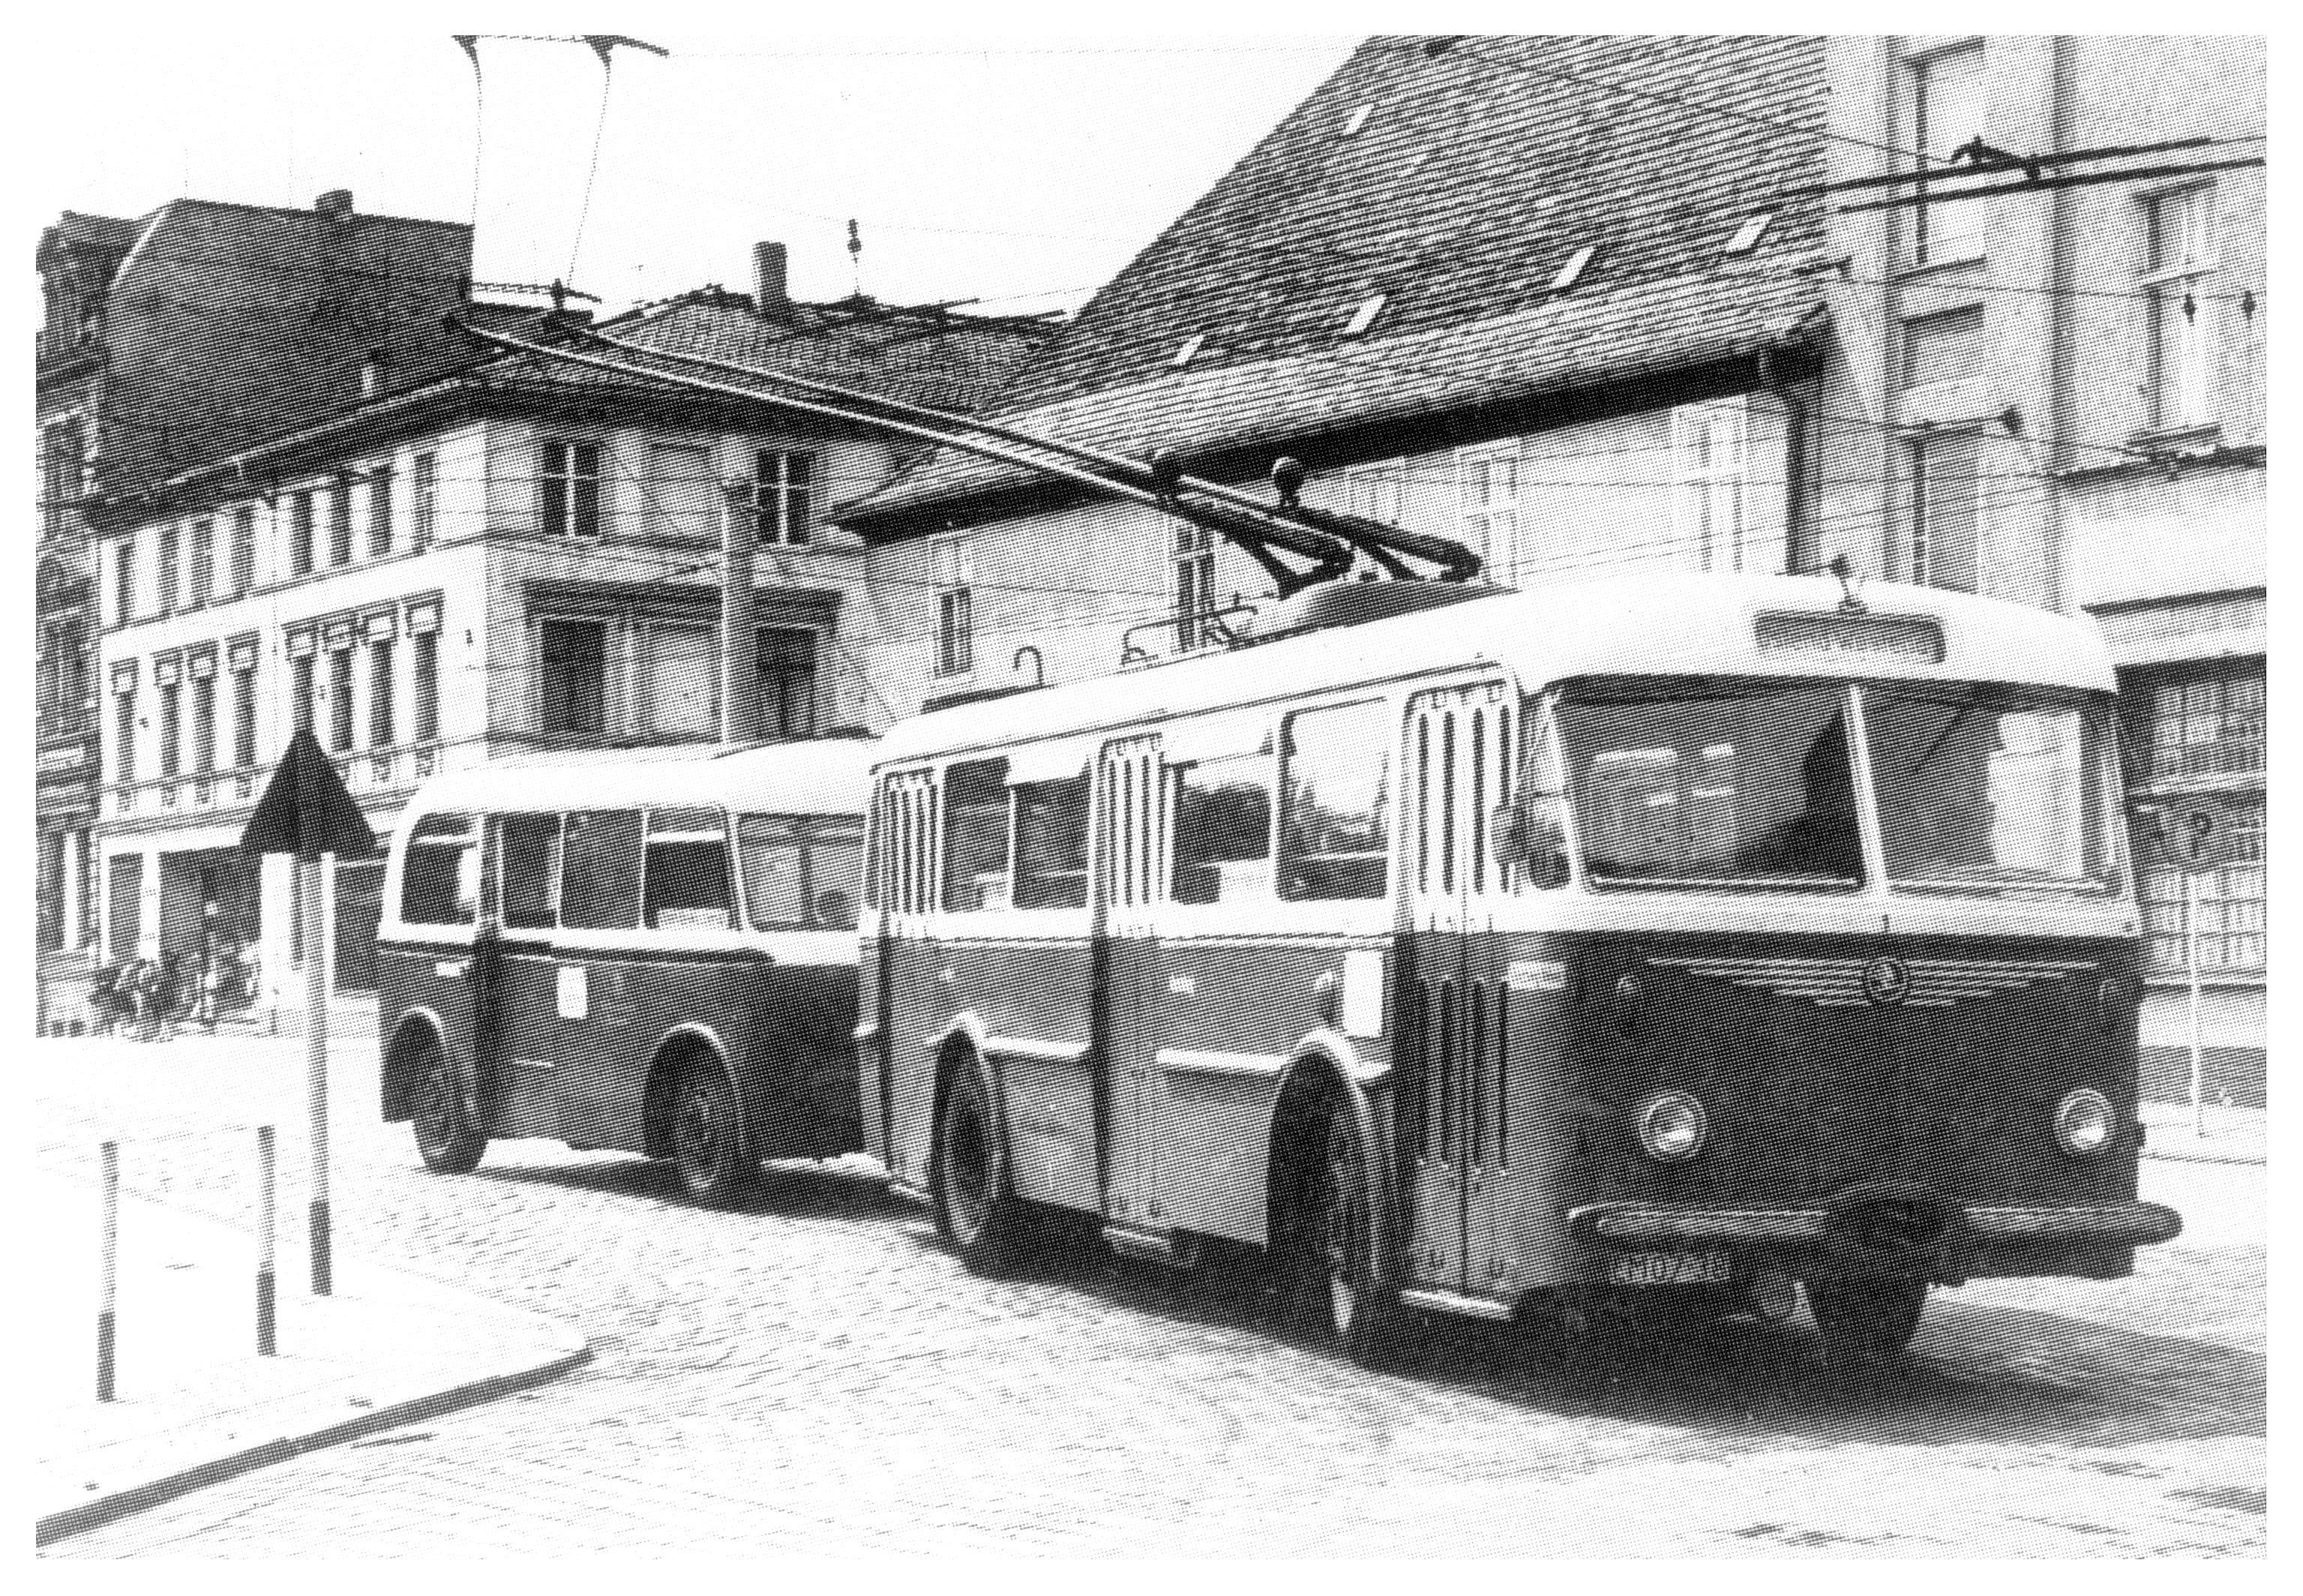 Obusbetrieb Eberswalde Wirtschaftsgeschichte Eberswalde Seite 5